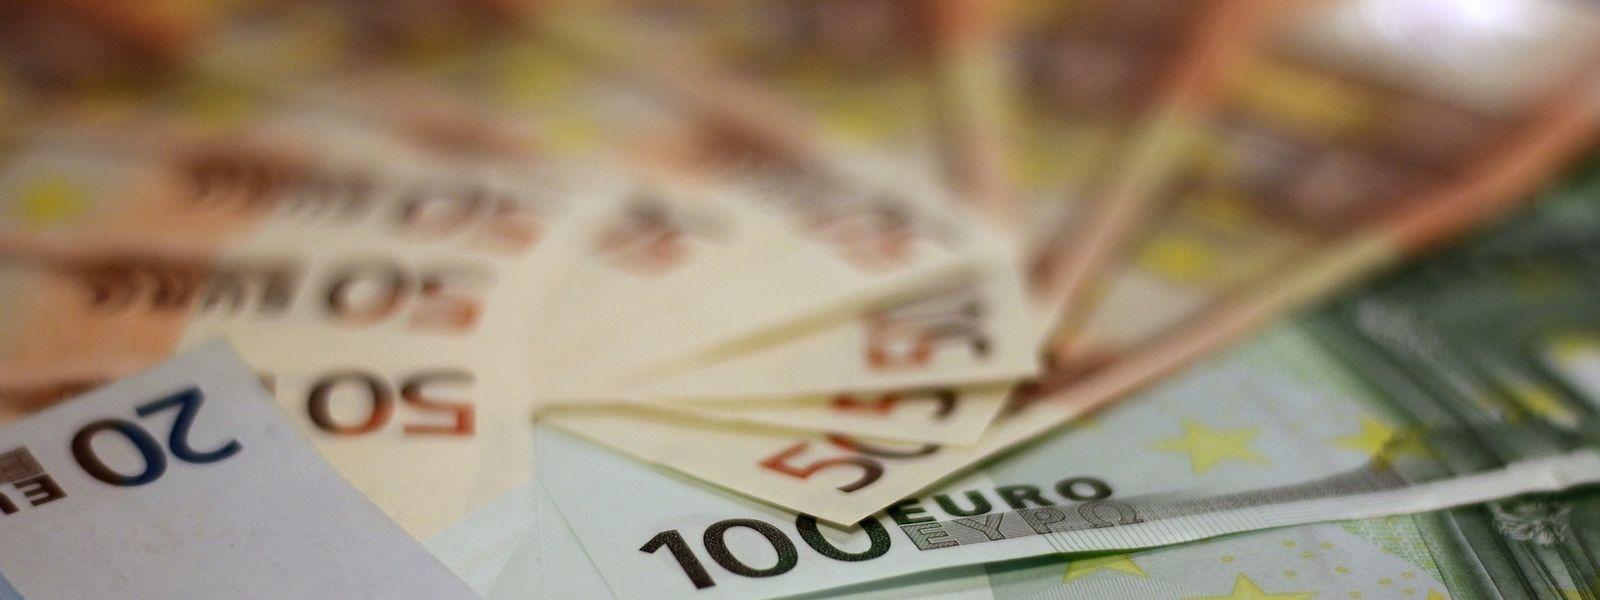 Mindestlohnverdiener können sich rückwirkend zum 1. Januar über mehr Geld in der Tasche freuen.